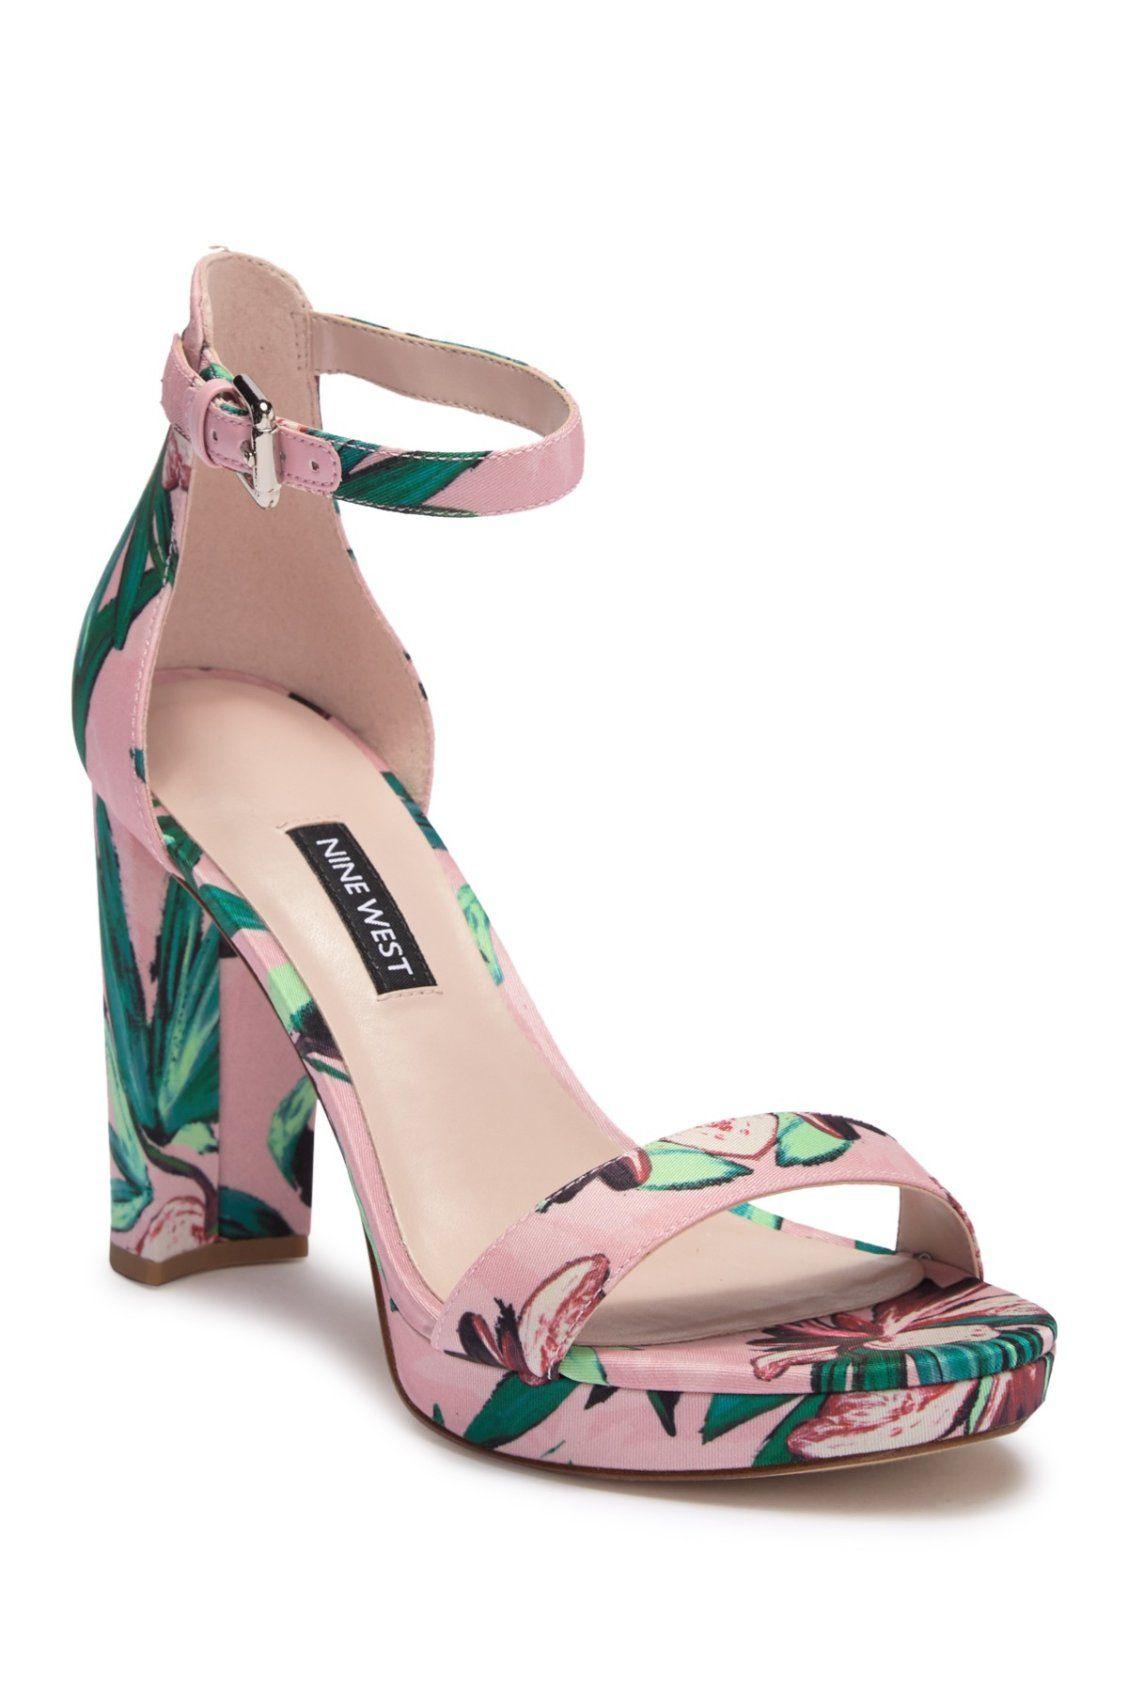 fe46600be10f Need! Nine West Dempsey Ankle Strap Platform Sandal